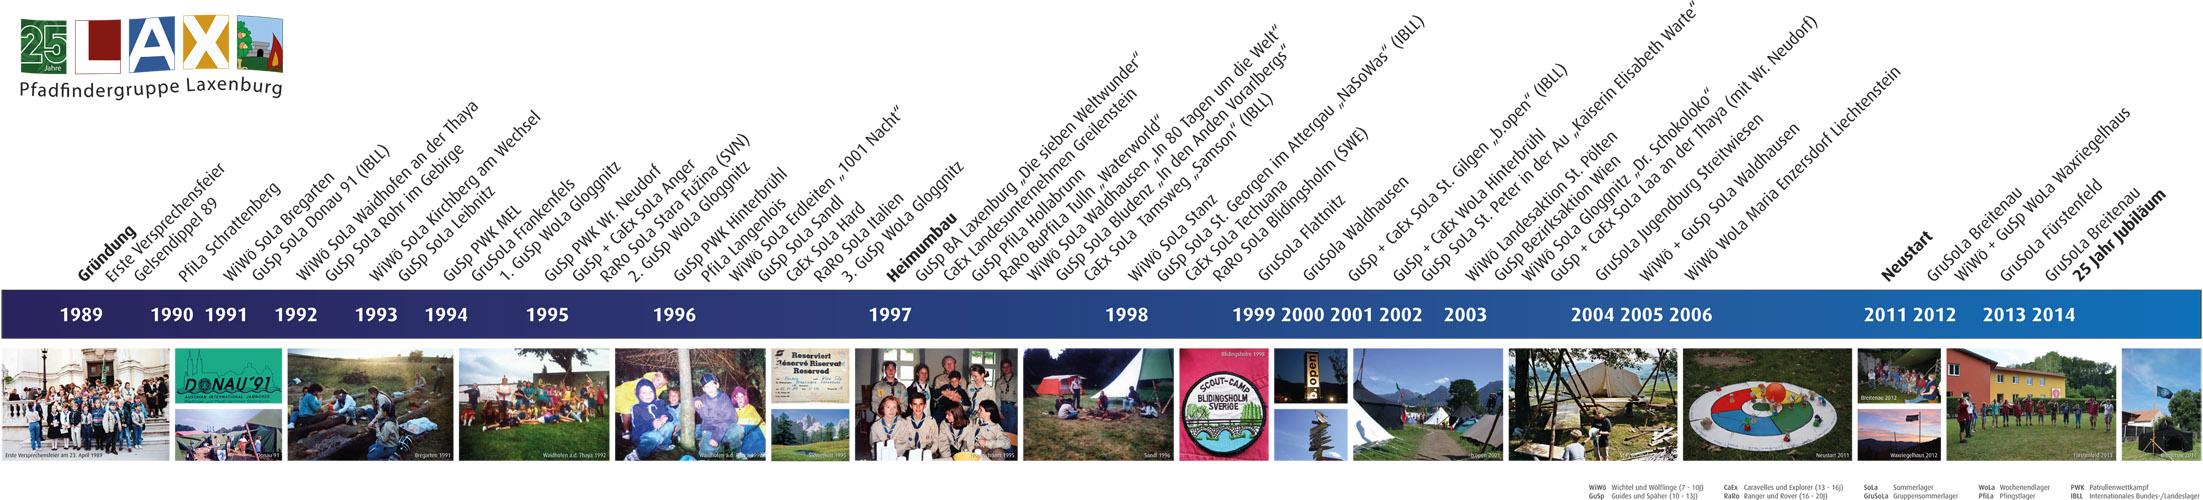 25 Jahre Pfadfindergruppe Laxenburg